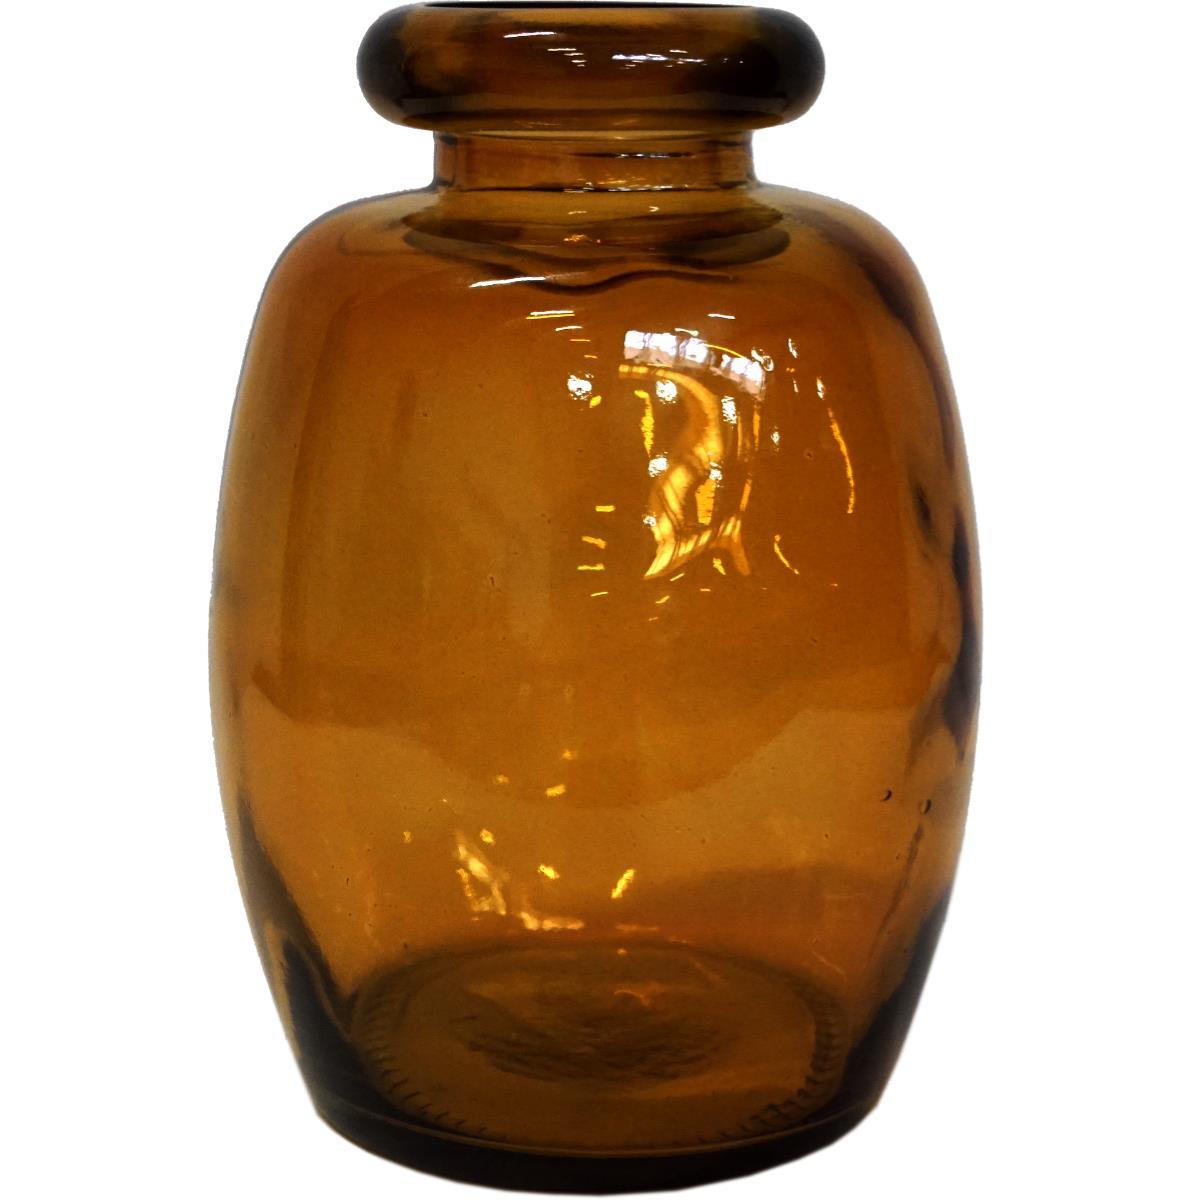 Glassvase Shape mørk Rav